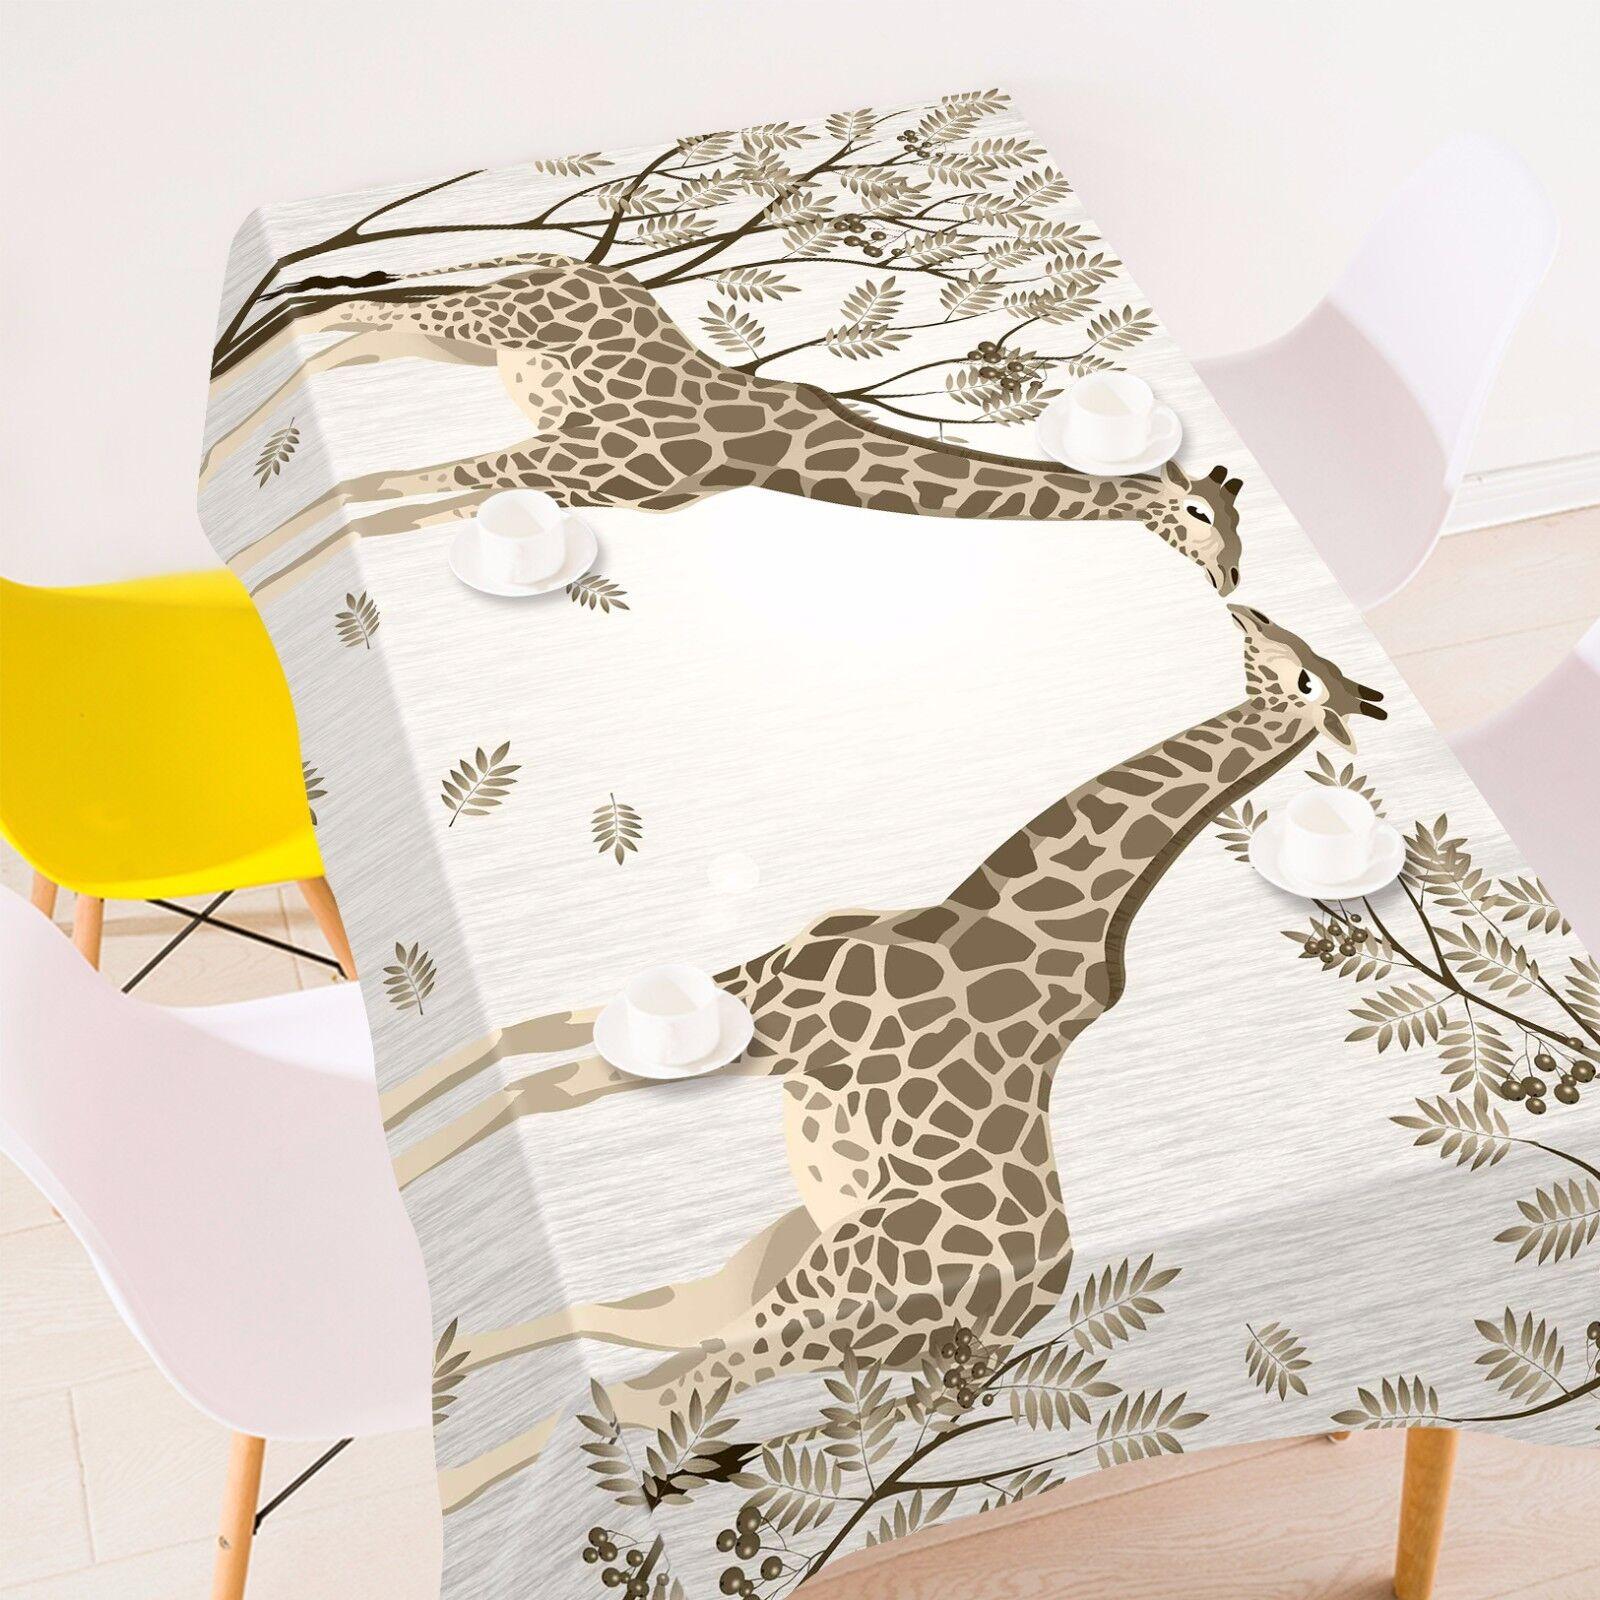 3D Girafe 5 Nappe Table Cover Cloth fête d'anniversaire AJ papier peint Royaume-Uni Citron